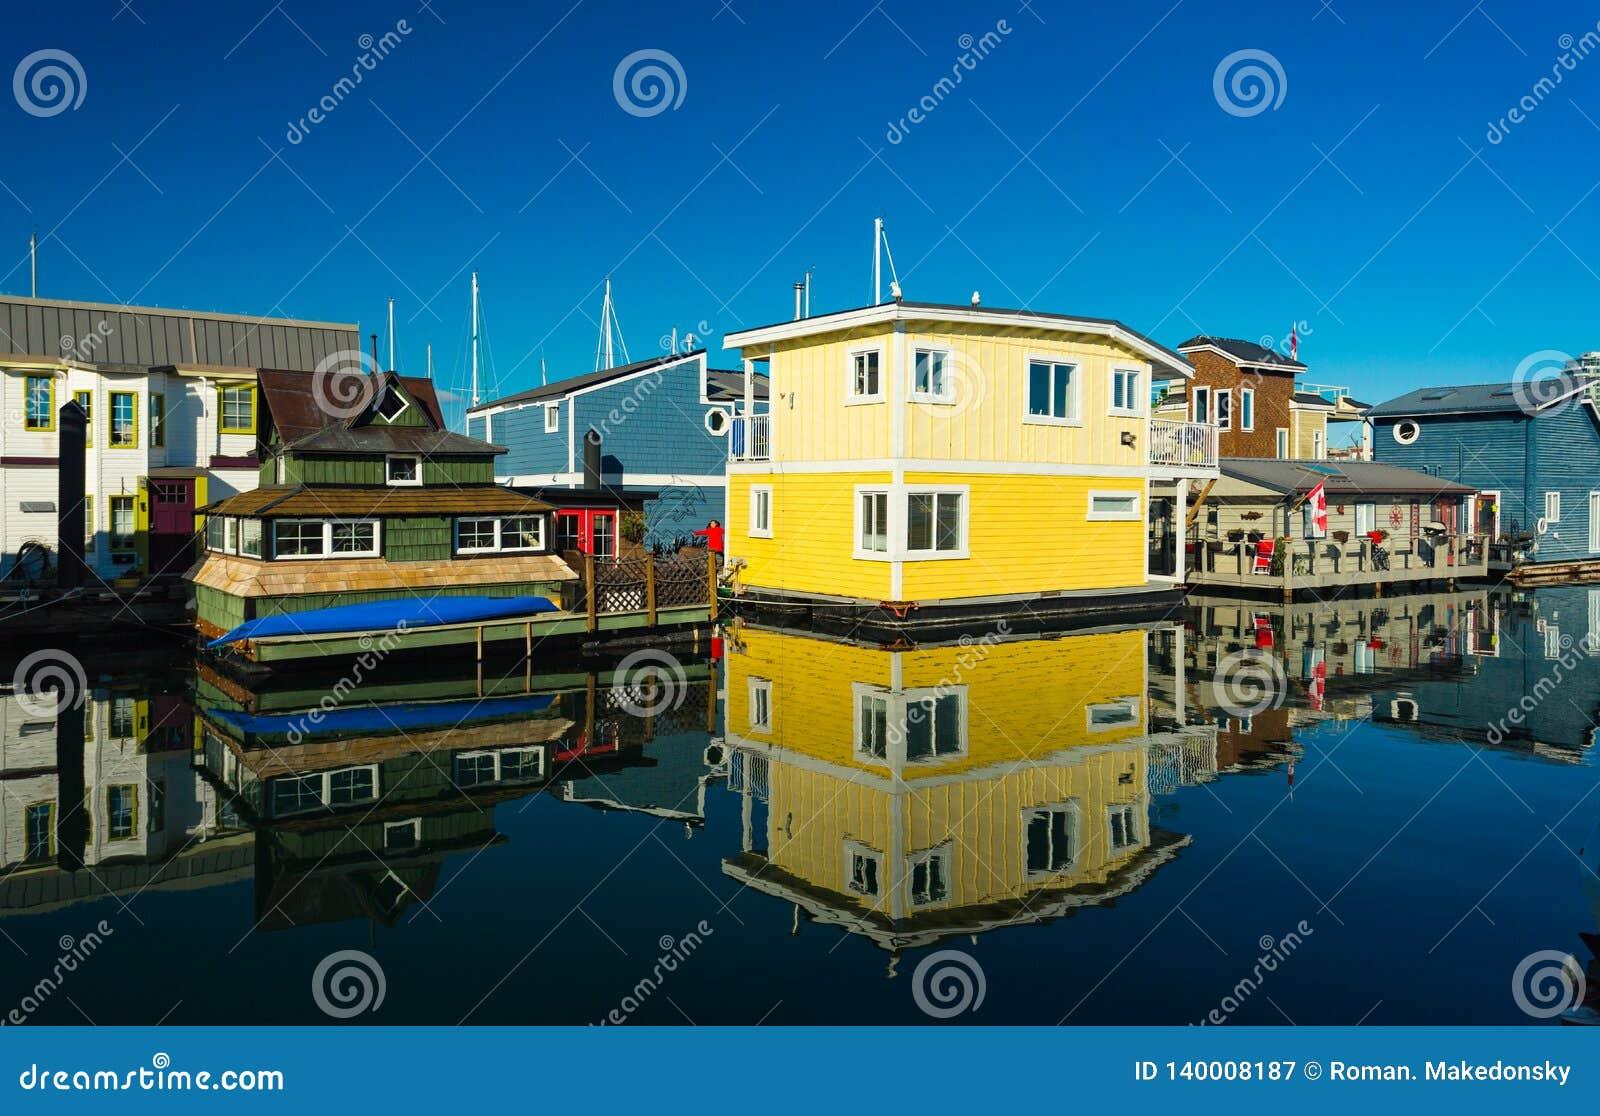 Красочная деревня домов на яркий солнечный день, голубого неба поплавка